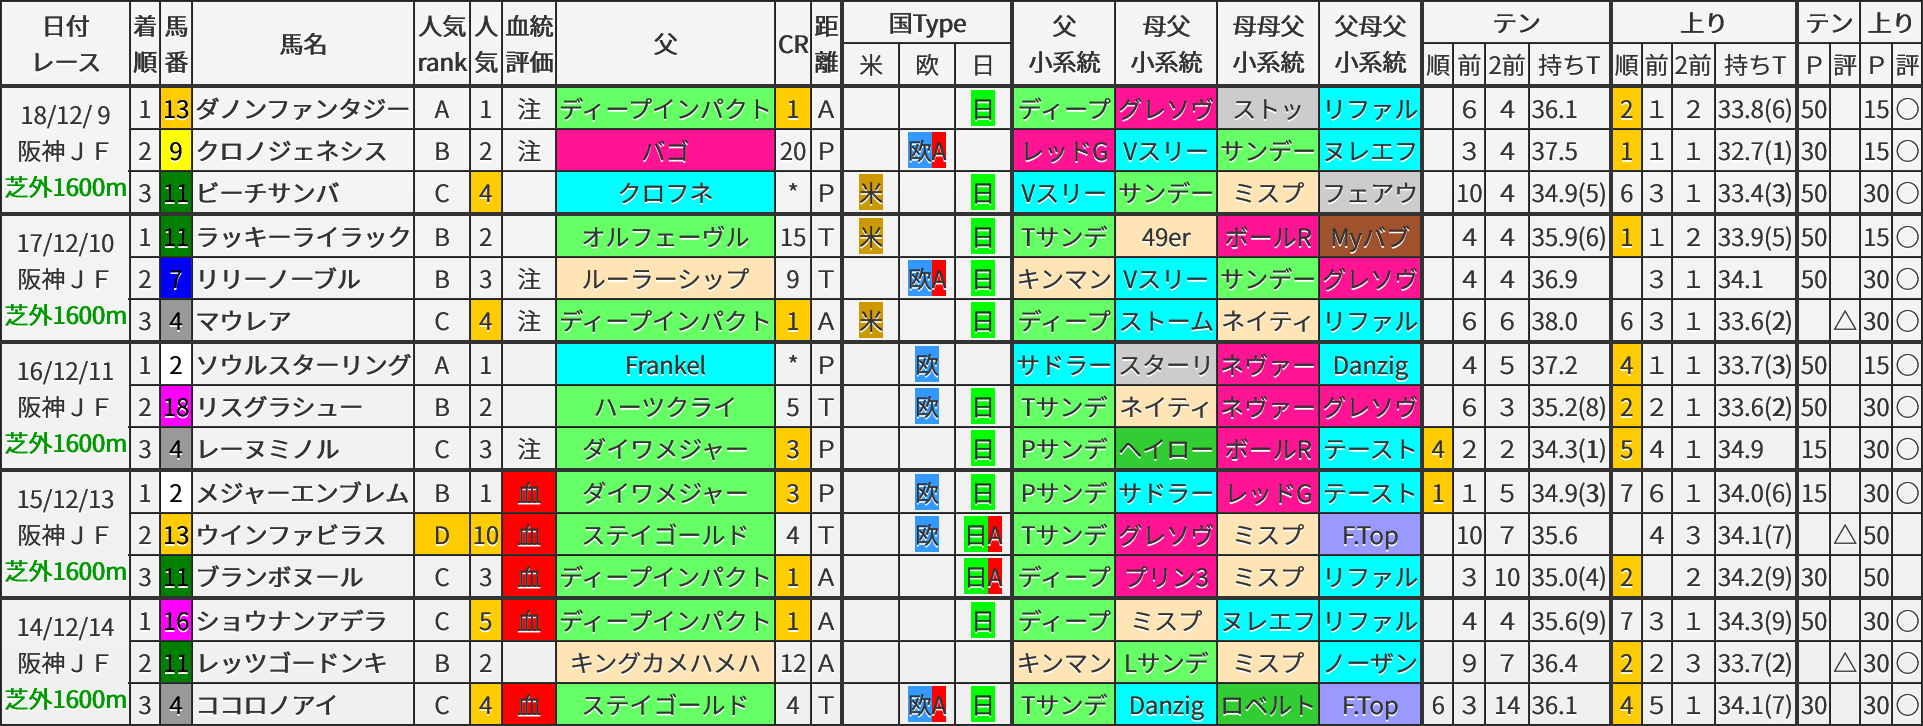 阪神JF 過去5年ブラッドバイアス